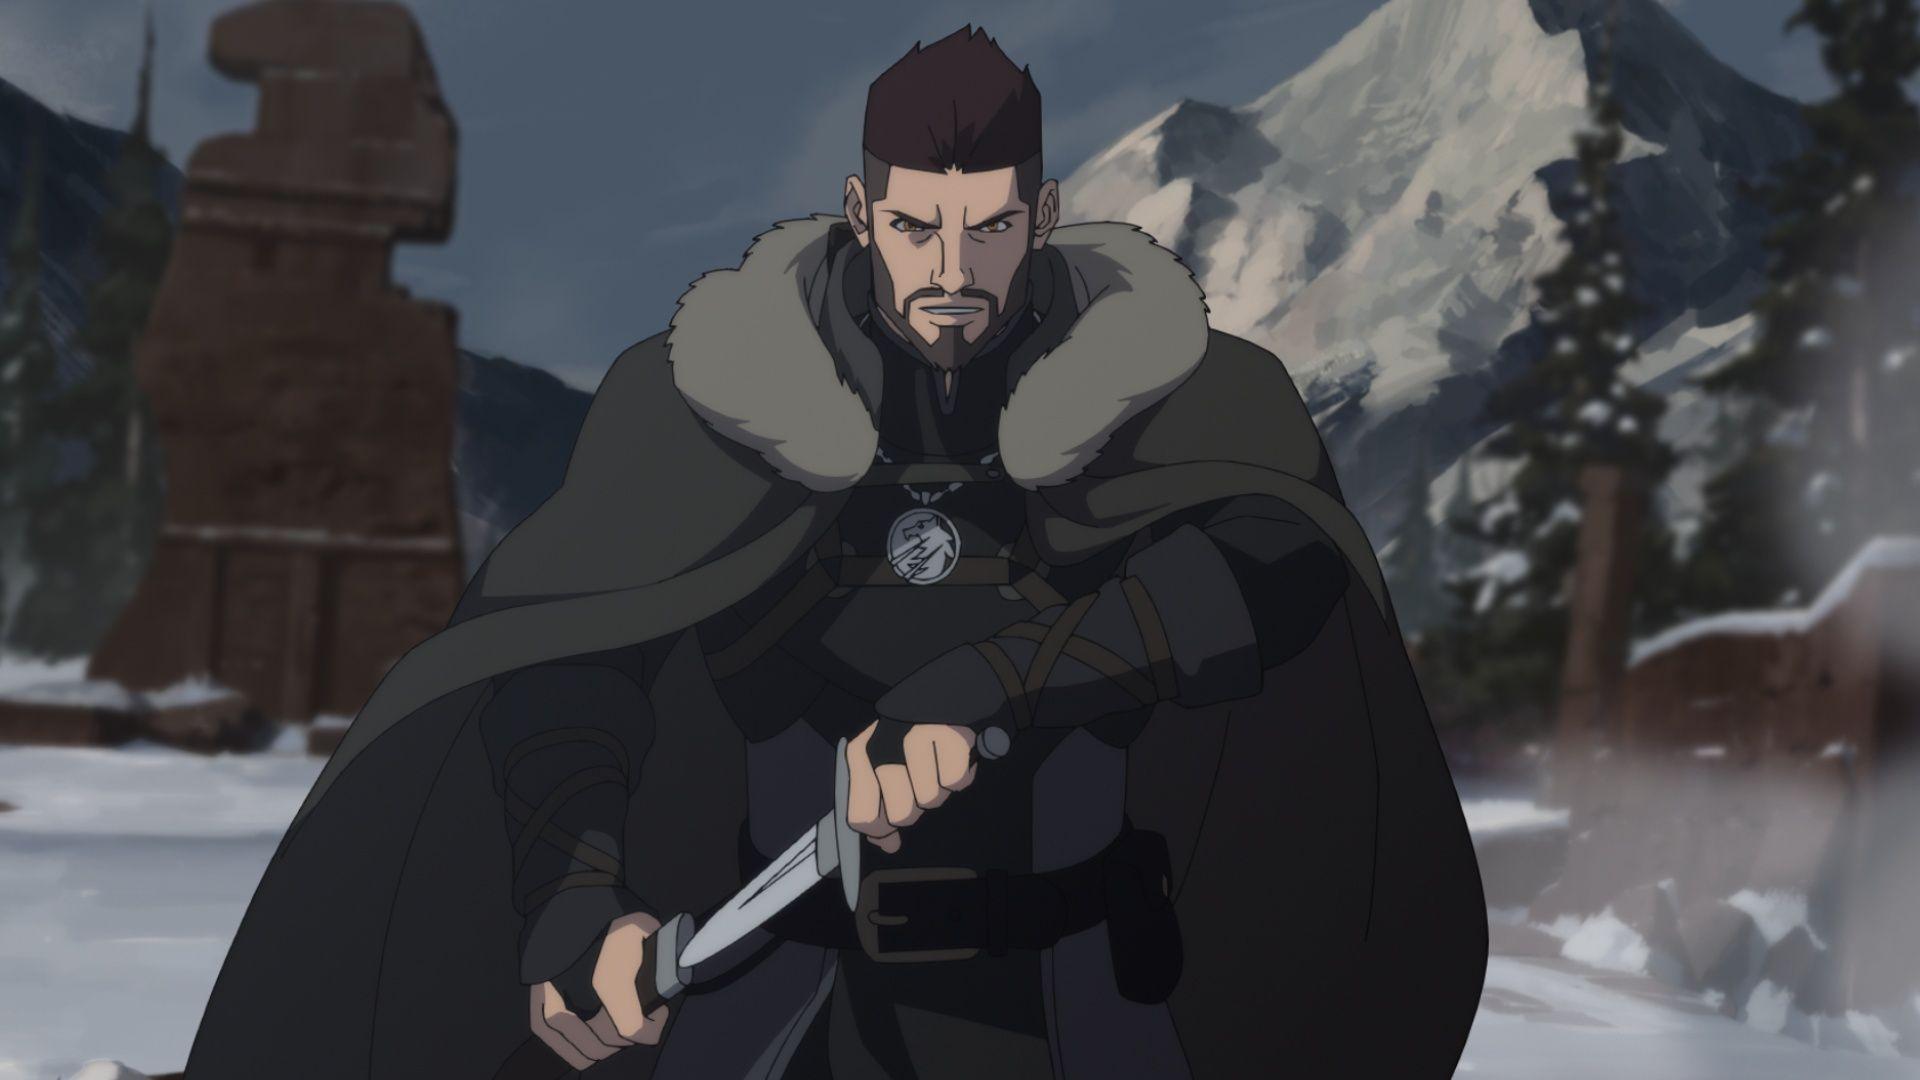 《獵魔士:狼之惡夢》。圖片來源/Netflix